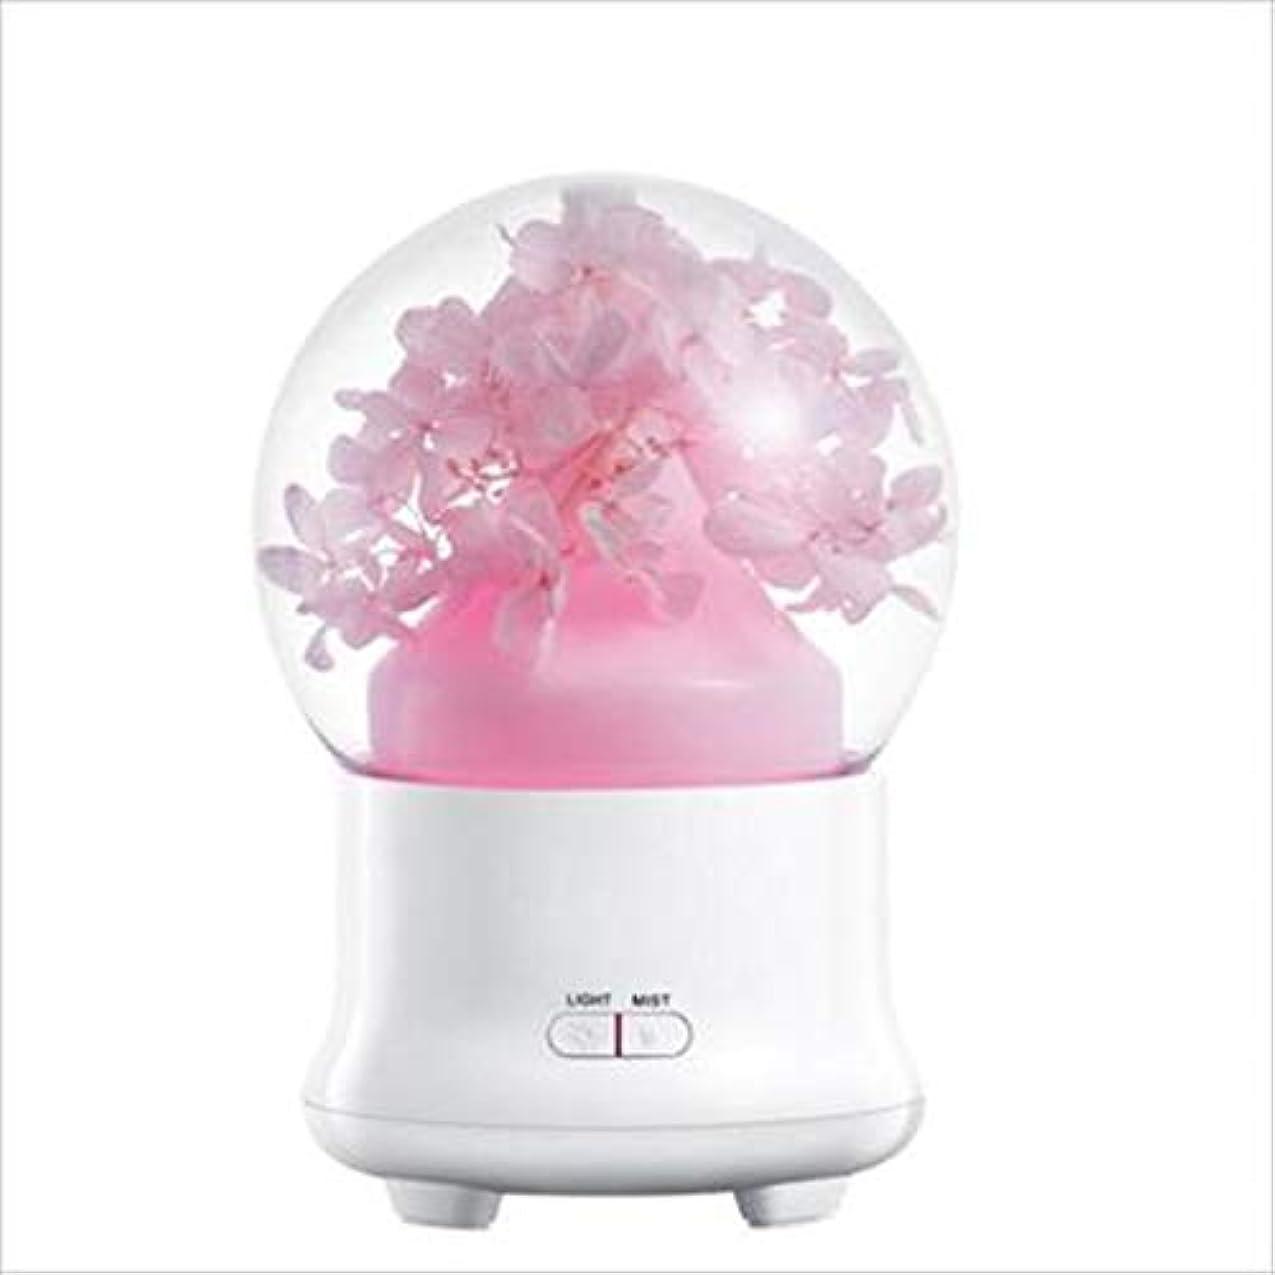 説得力のある糸守銭奴永遠の花加湿器ミュート超音波空気清浄器ホームオフィス保湿カラフルな発光スプレー (Color : Pink)